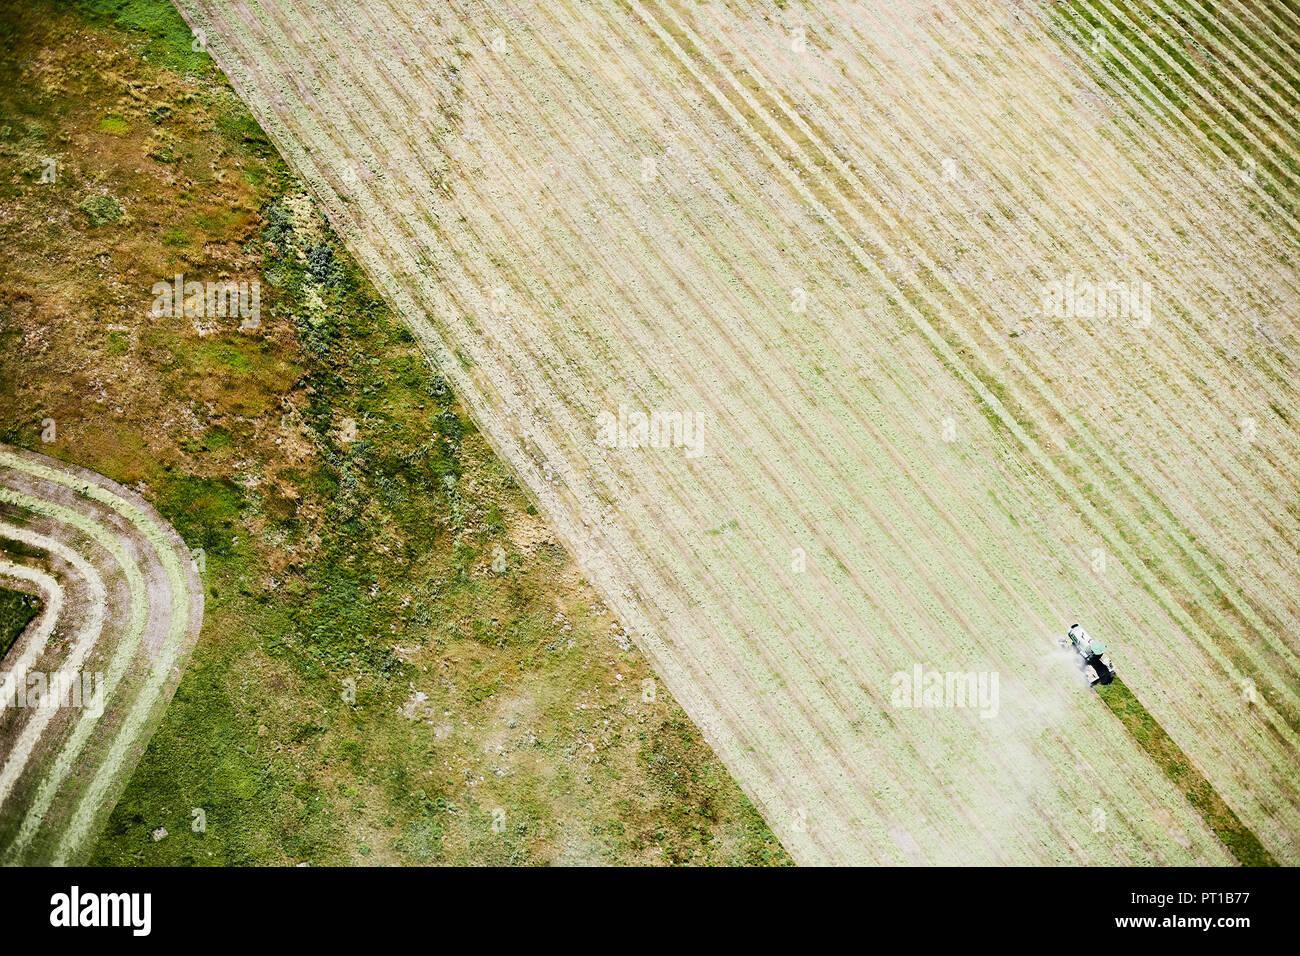 USA, Kontur Landwirtschaft mit Traktor im östlichen Colorado Stockbild